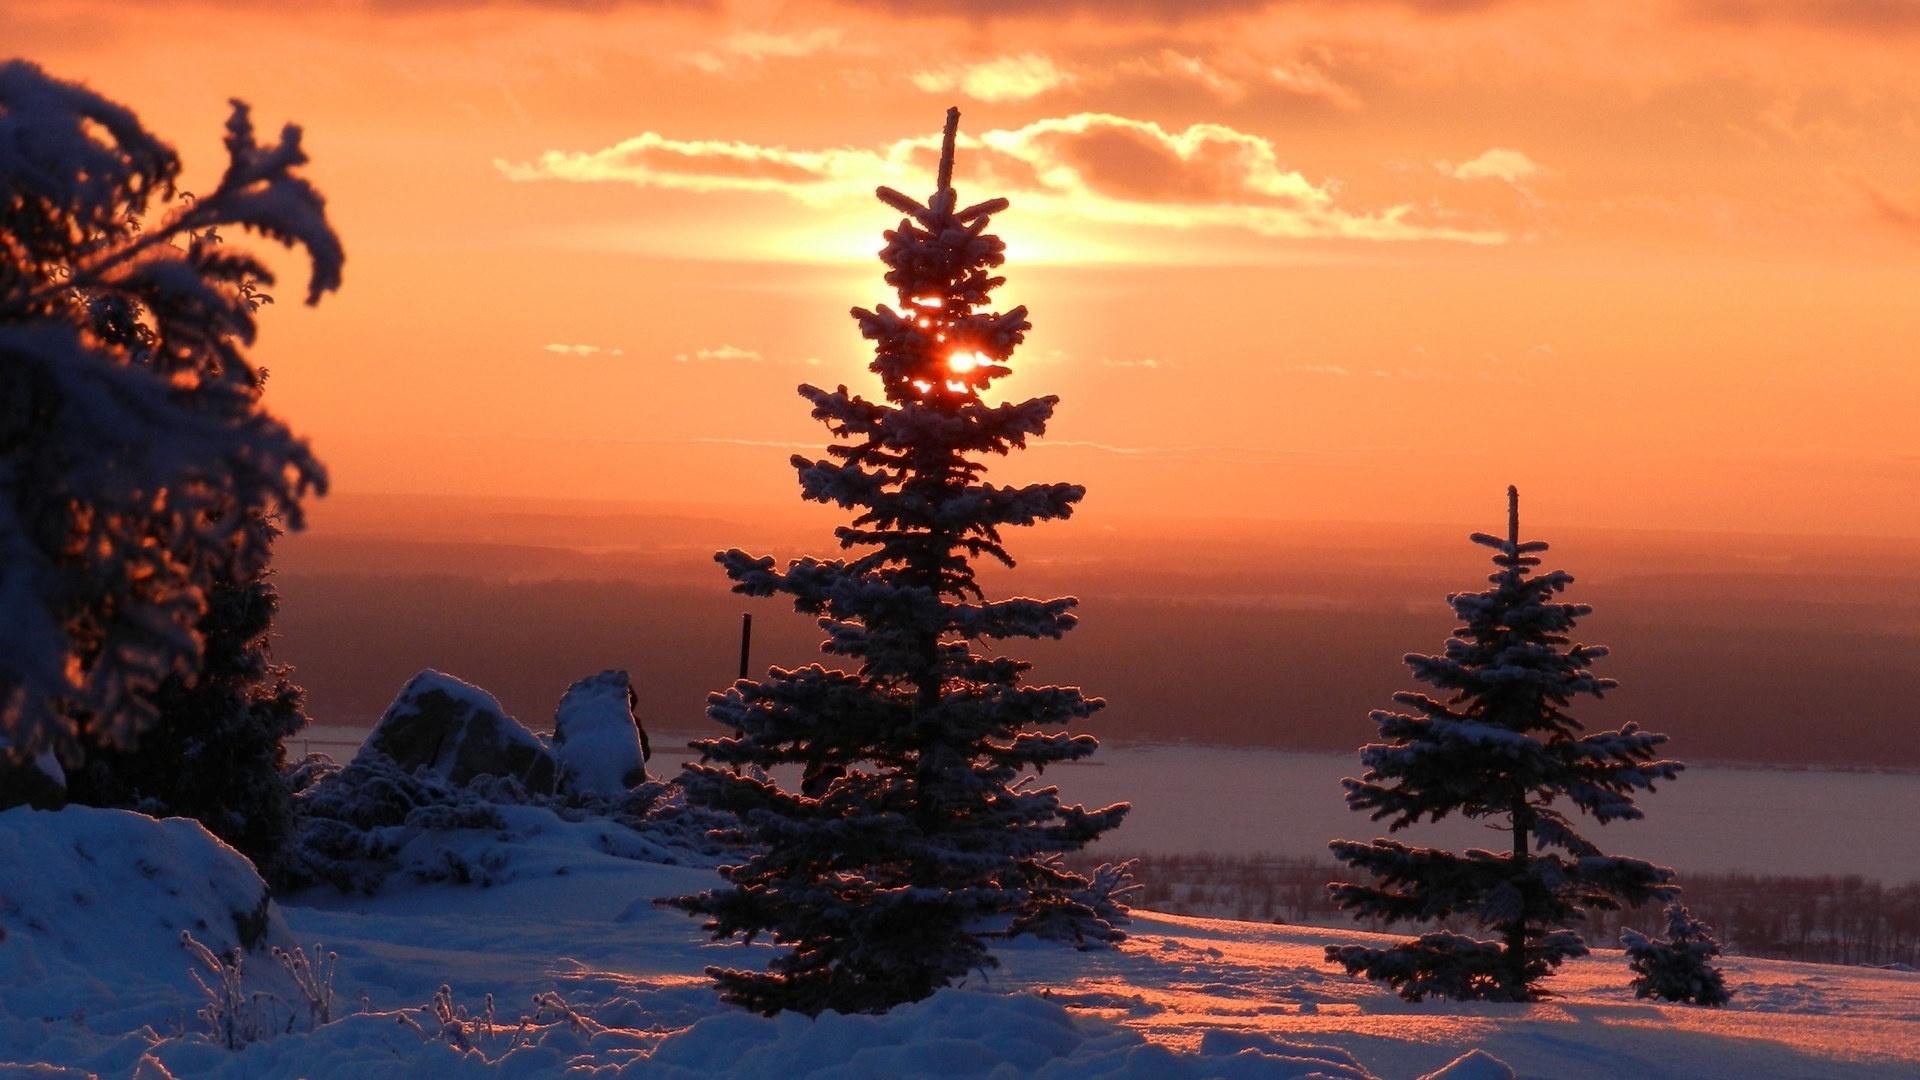 Winter Sunset HD Wallpaper